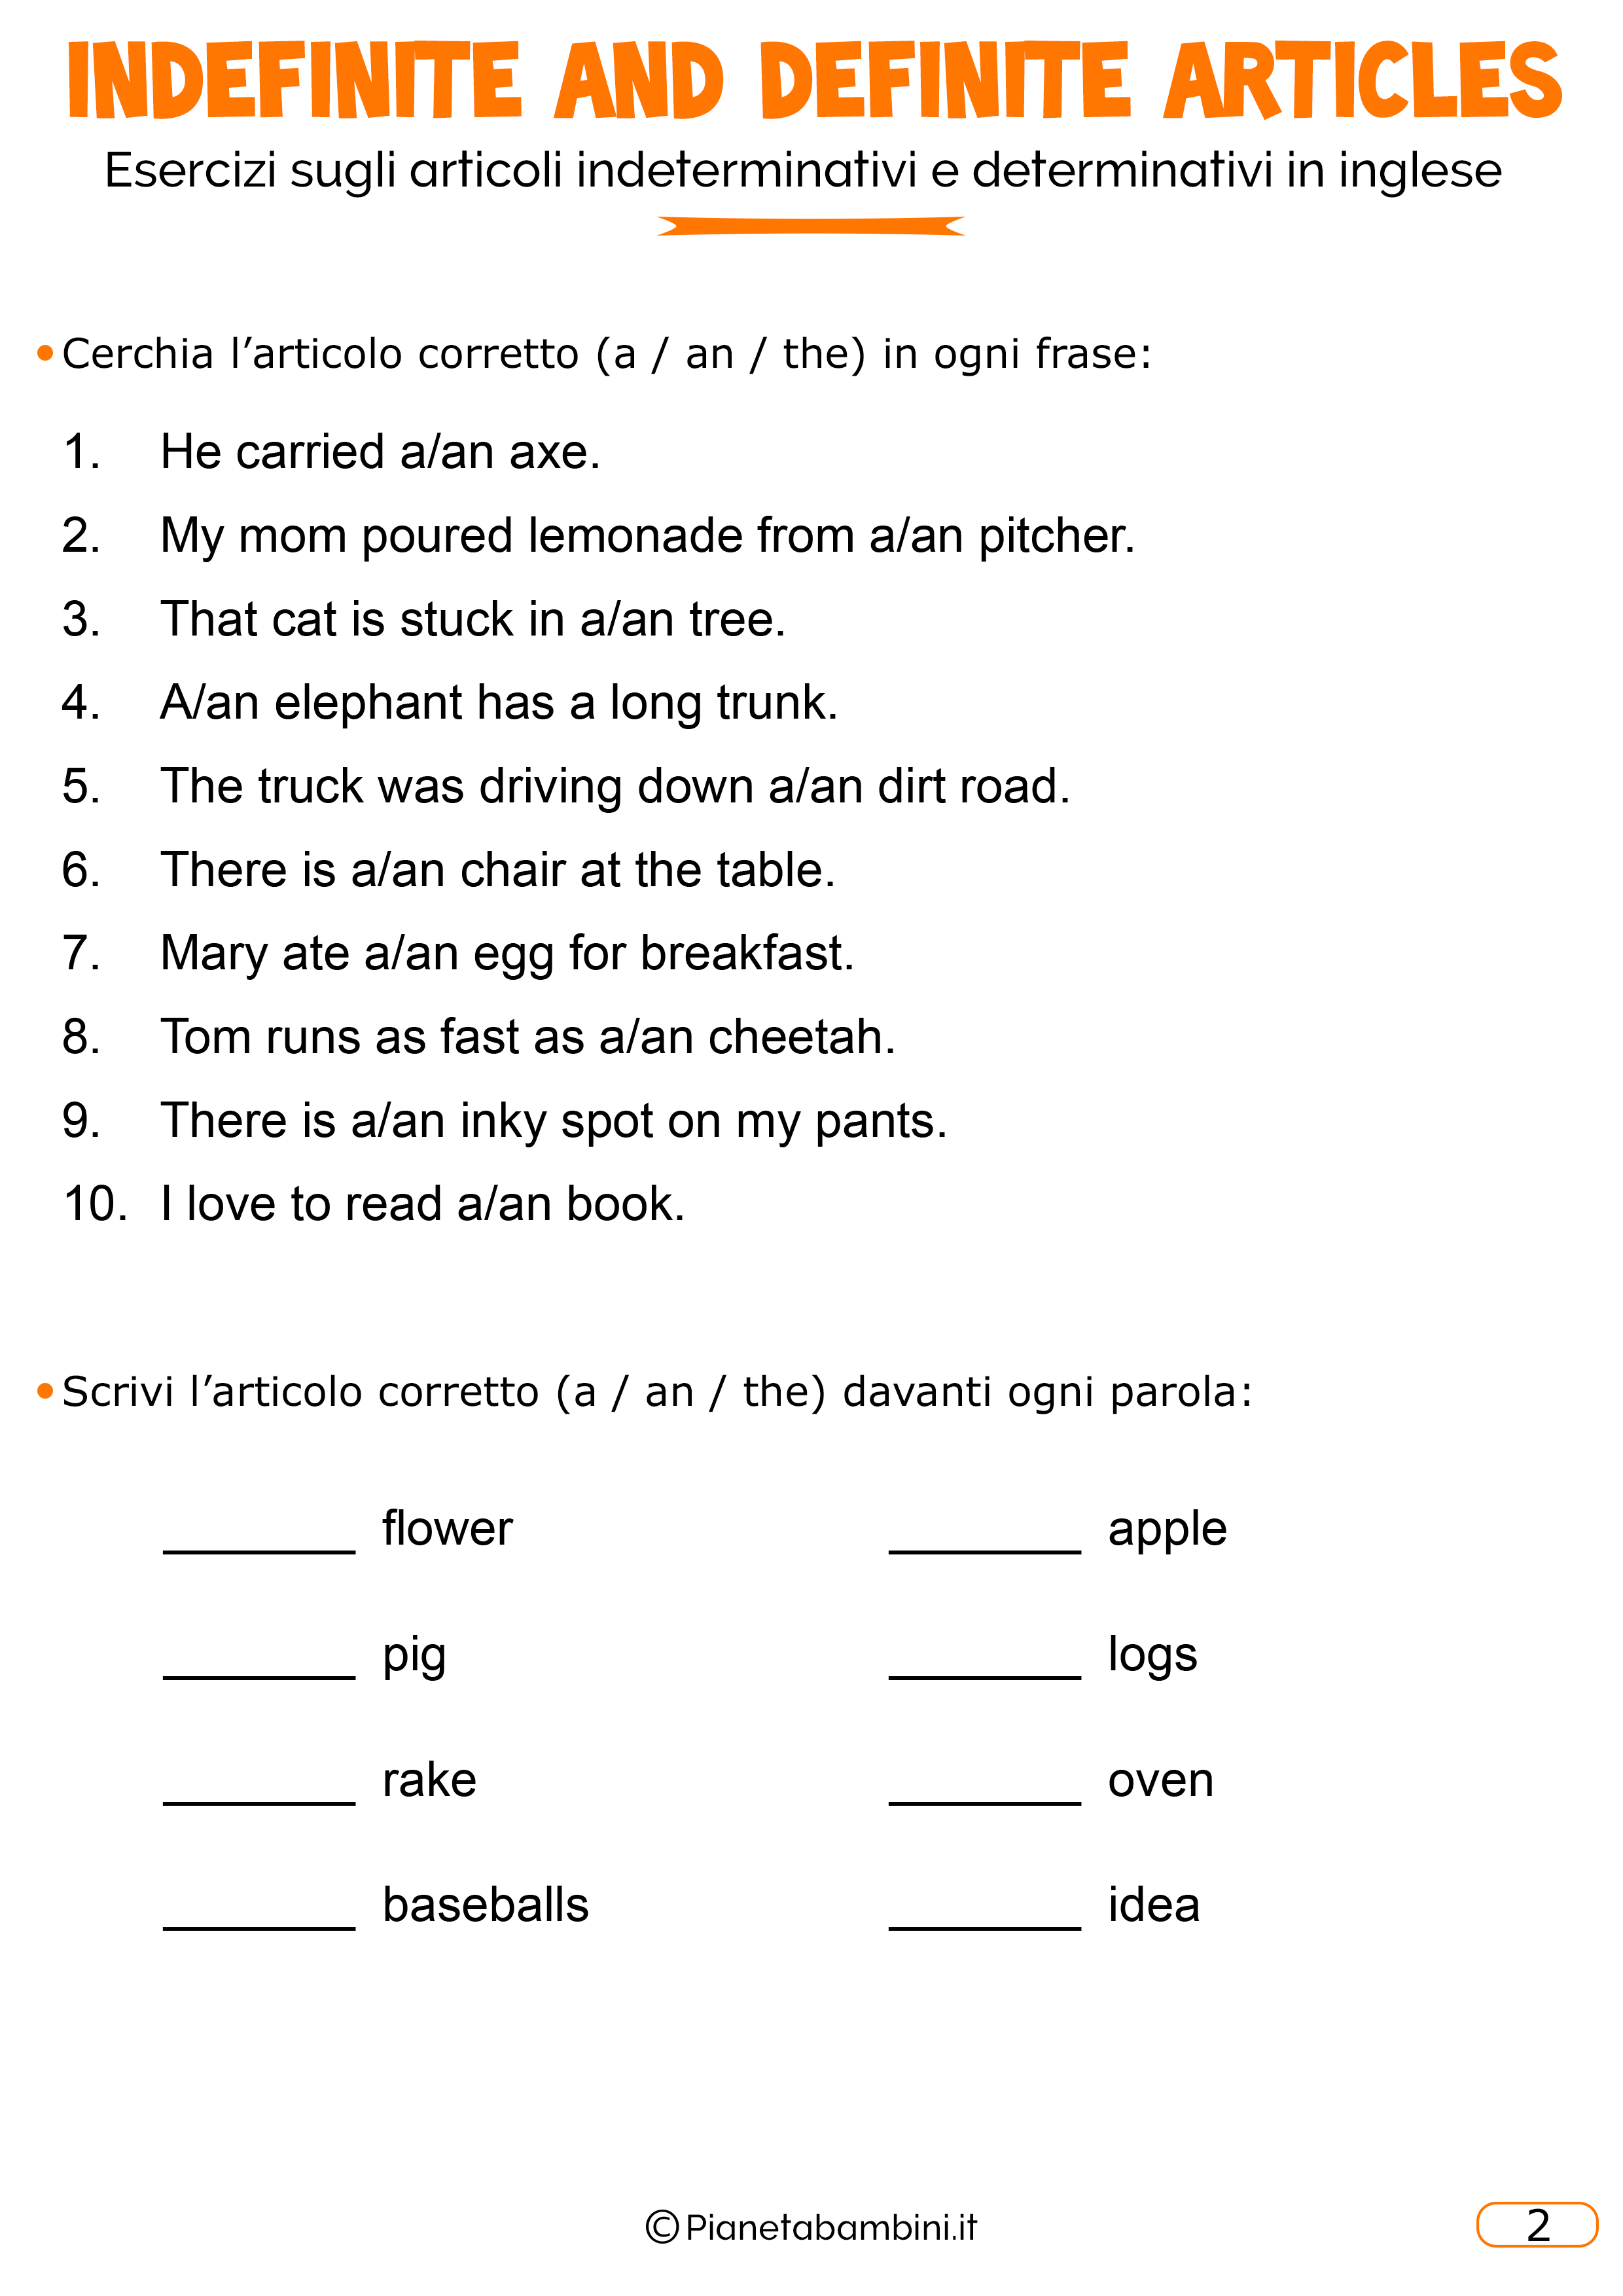 Esercizi-Articoli-Inglese-02